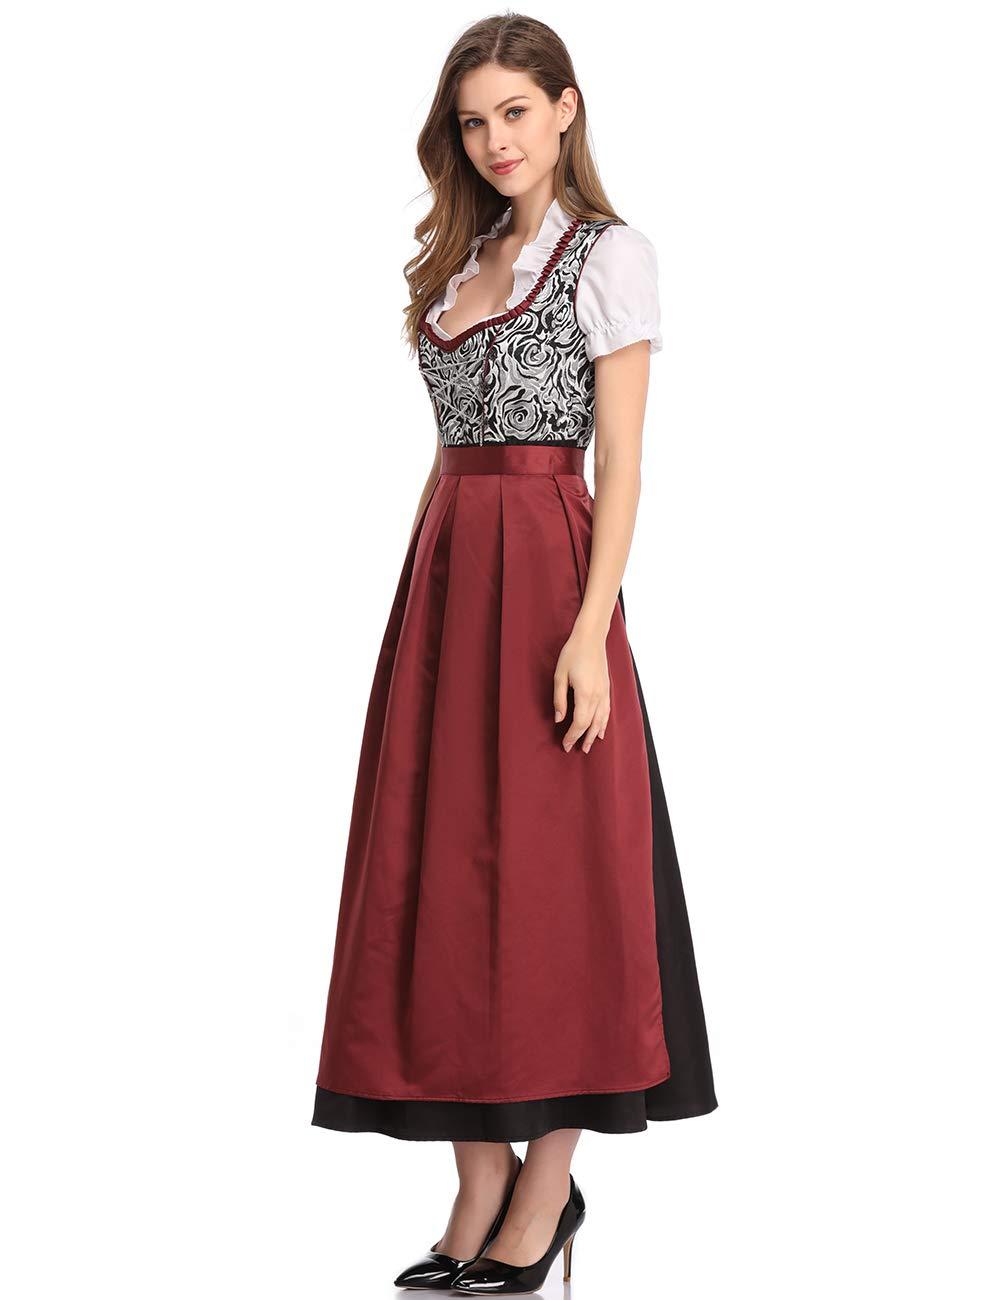 Clearlove Women Oktoberfest Costume Beer Festival Halloween Dirndl Fancy Long Dress Plus Size (M, Brown-1)